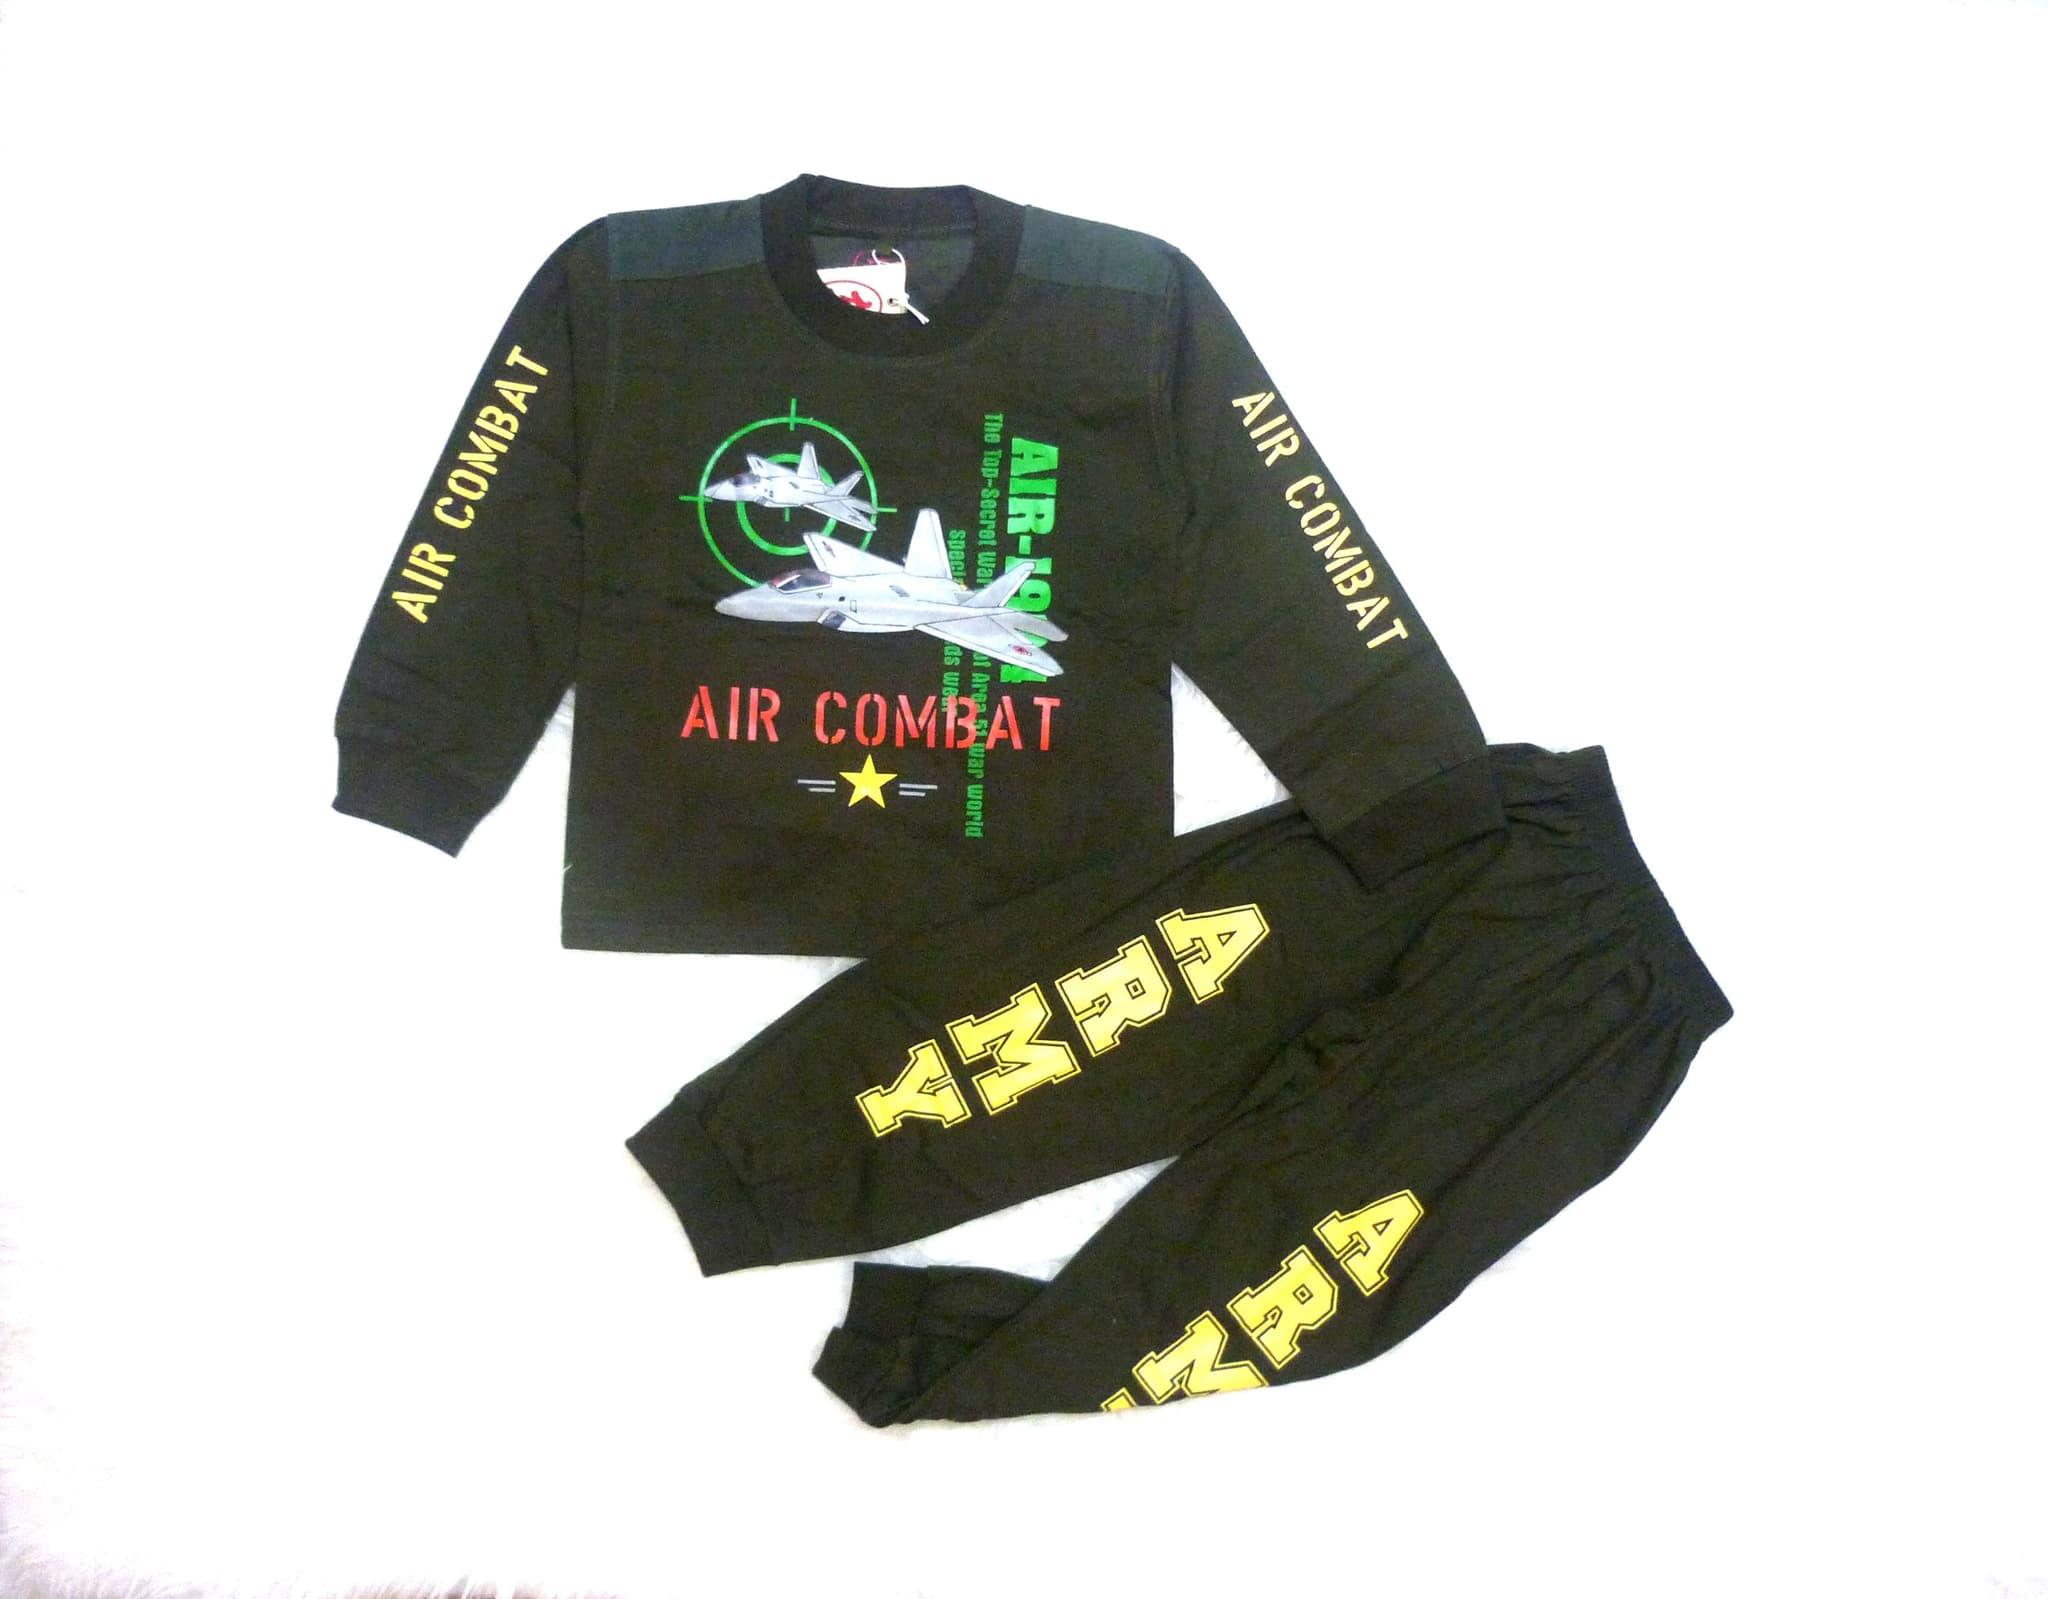 Setelan Baju Tidur Outfit Anak Laki